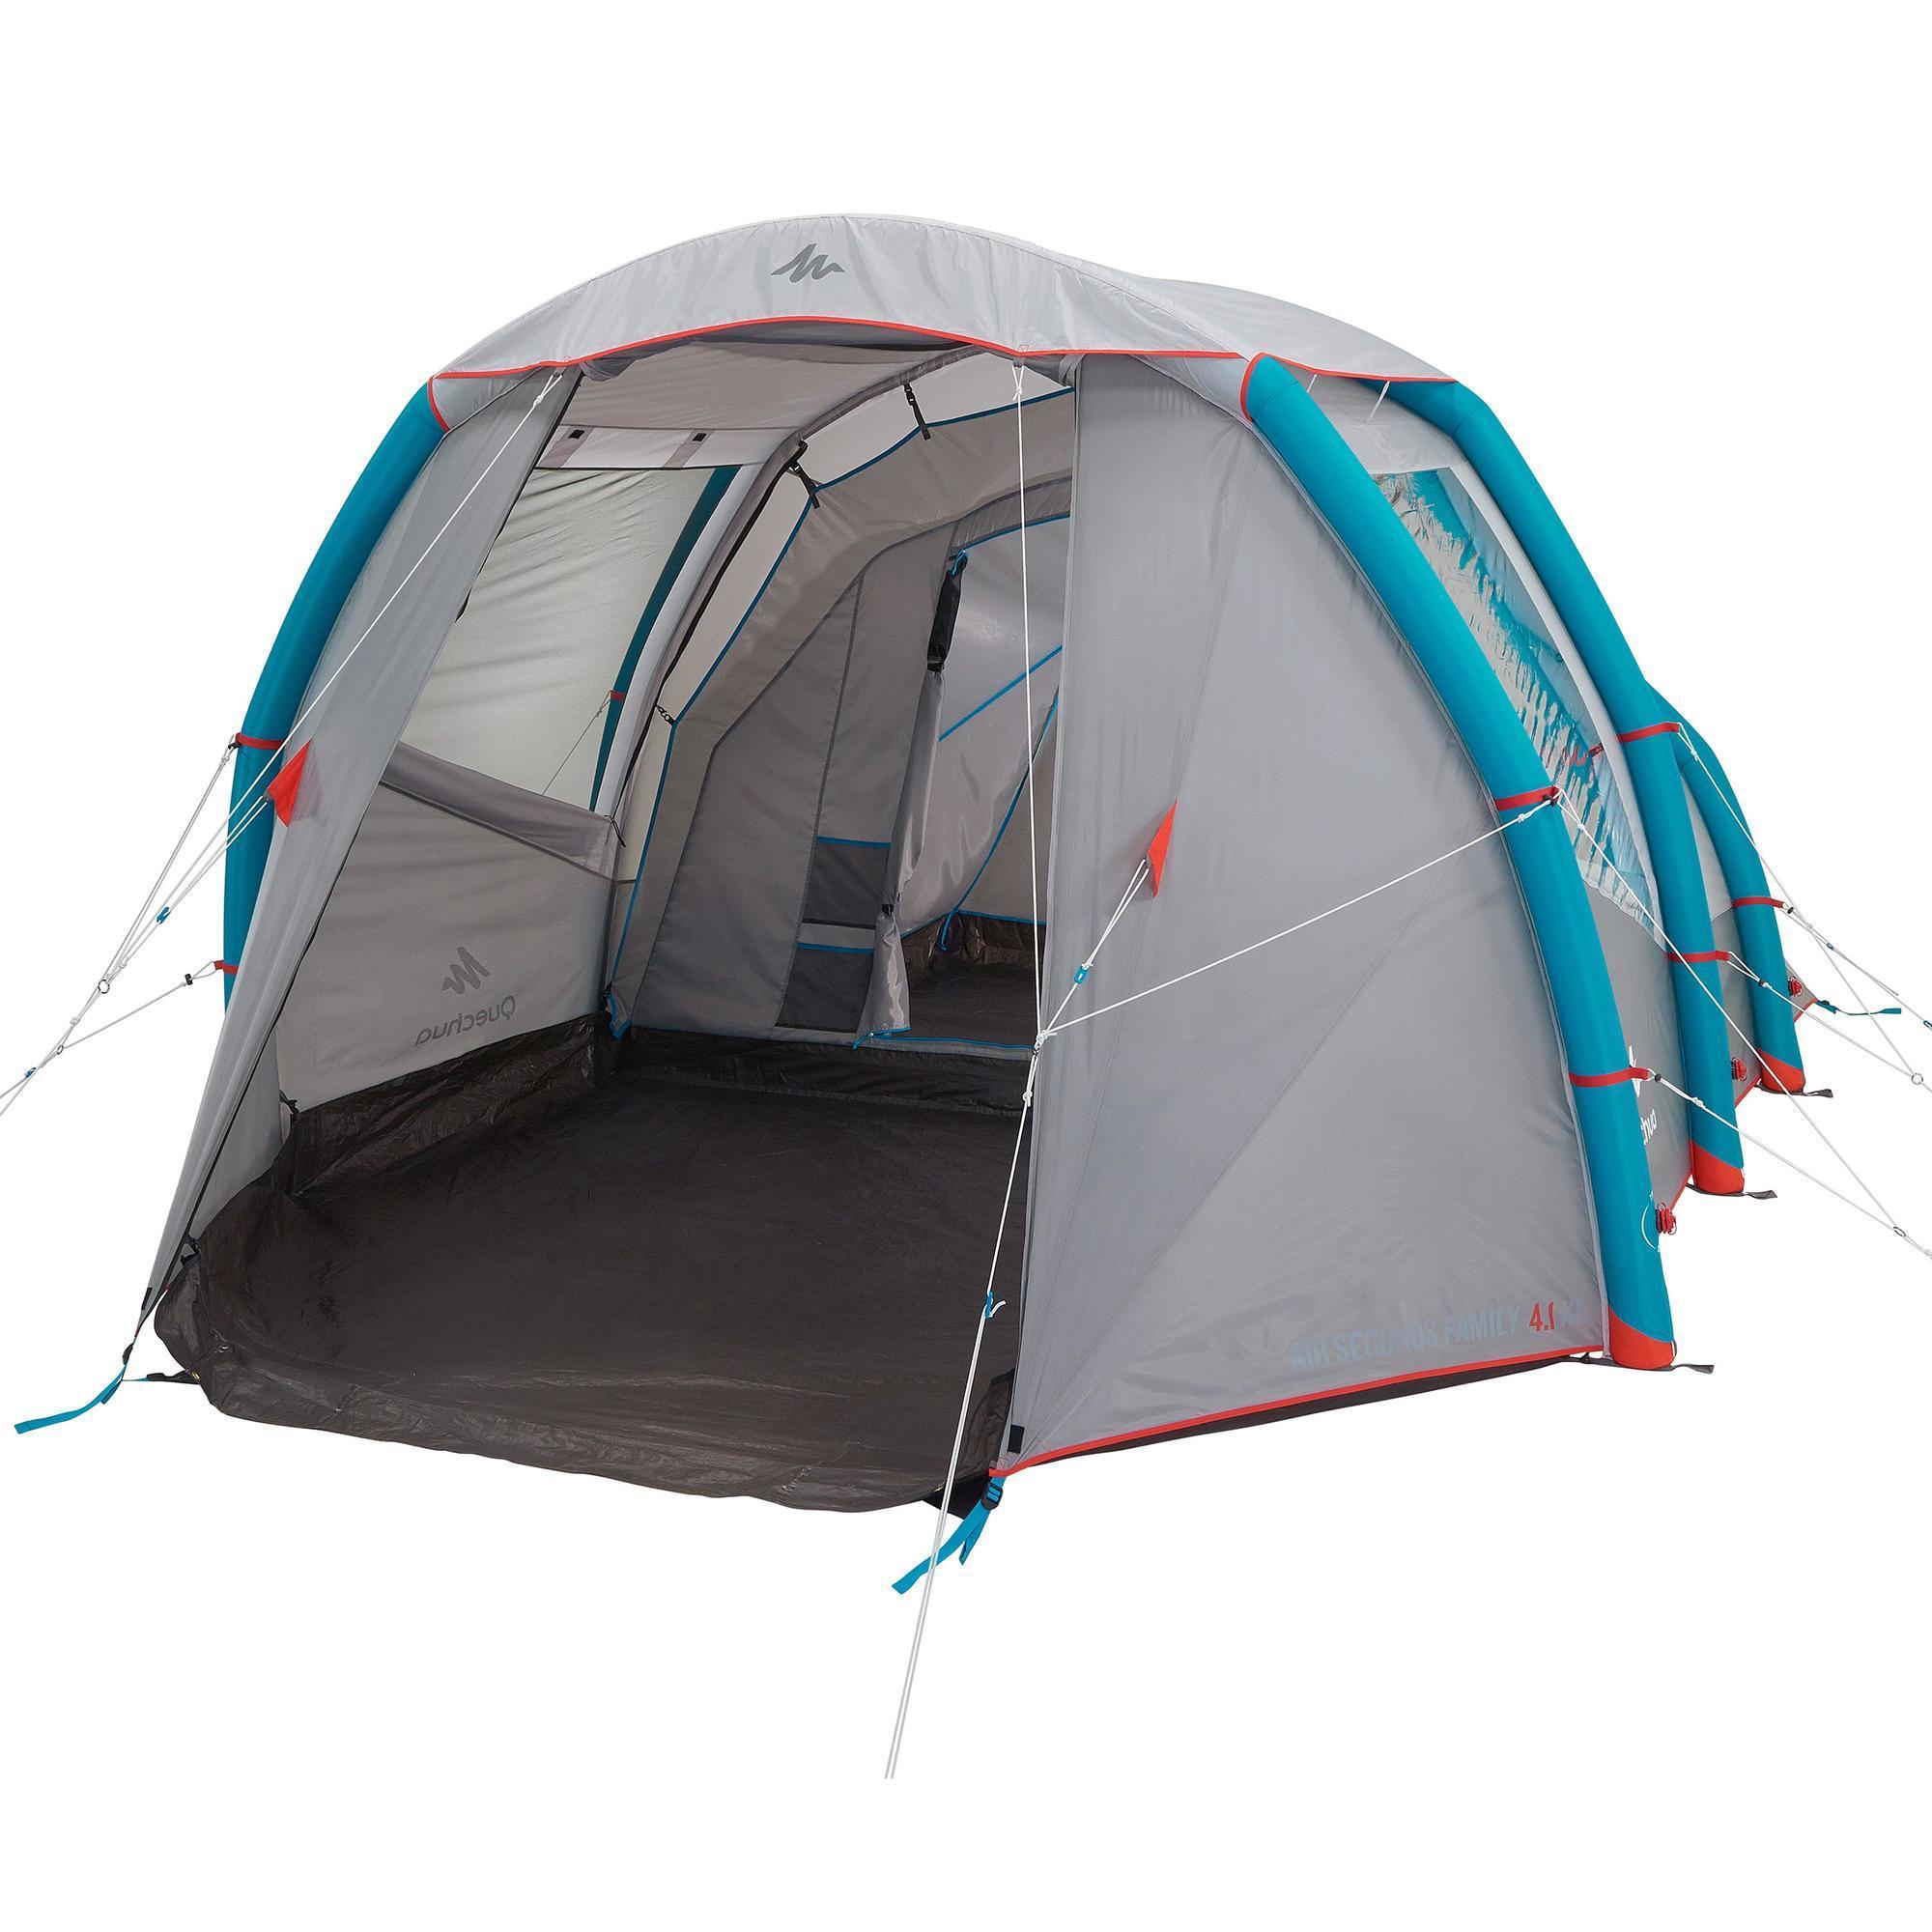 Quechua Kampeertent opblaasbaar AIR SECONDS 4.1 | 4 personen 1 slaapcompartiment